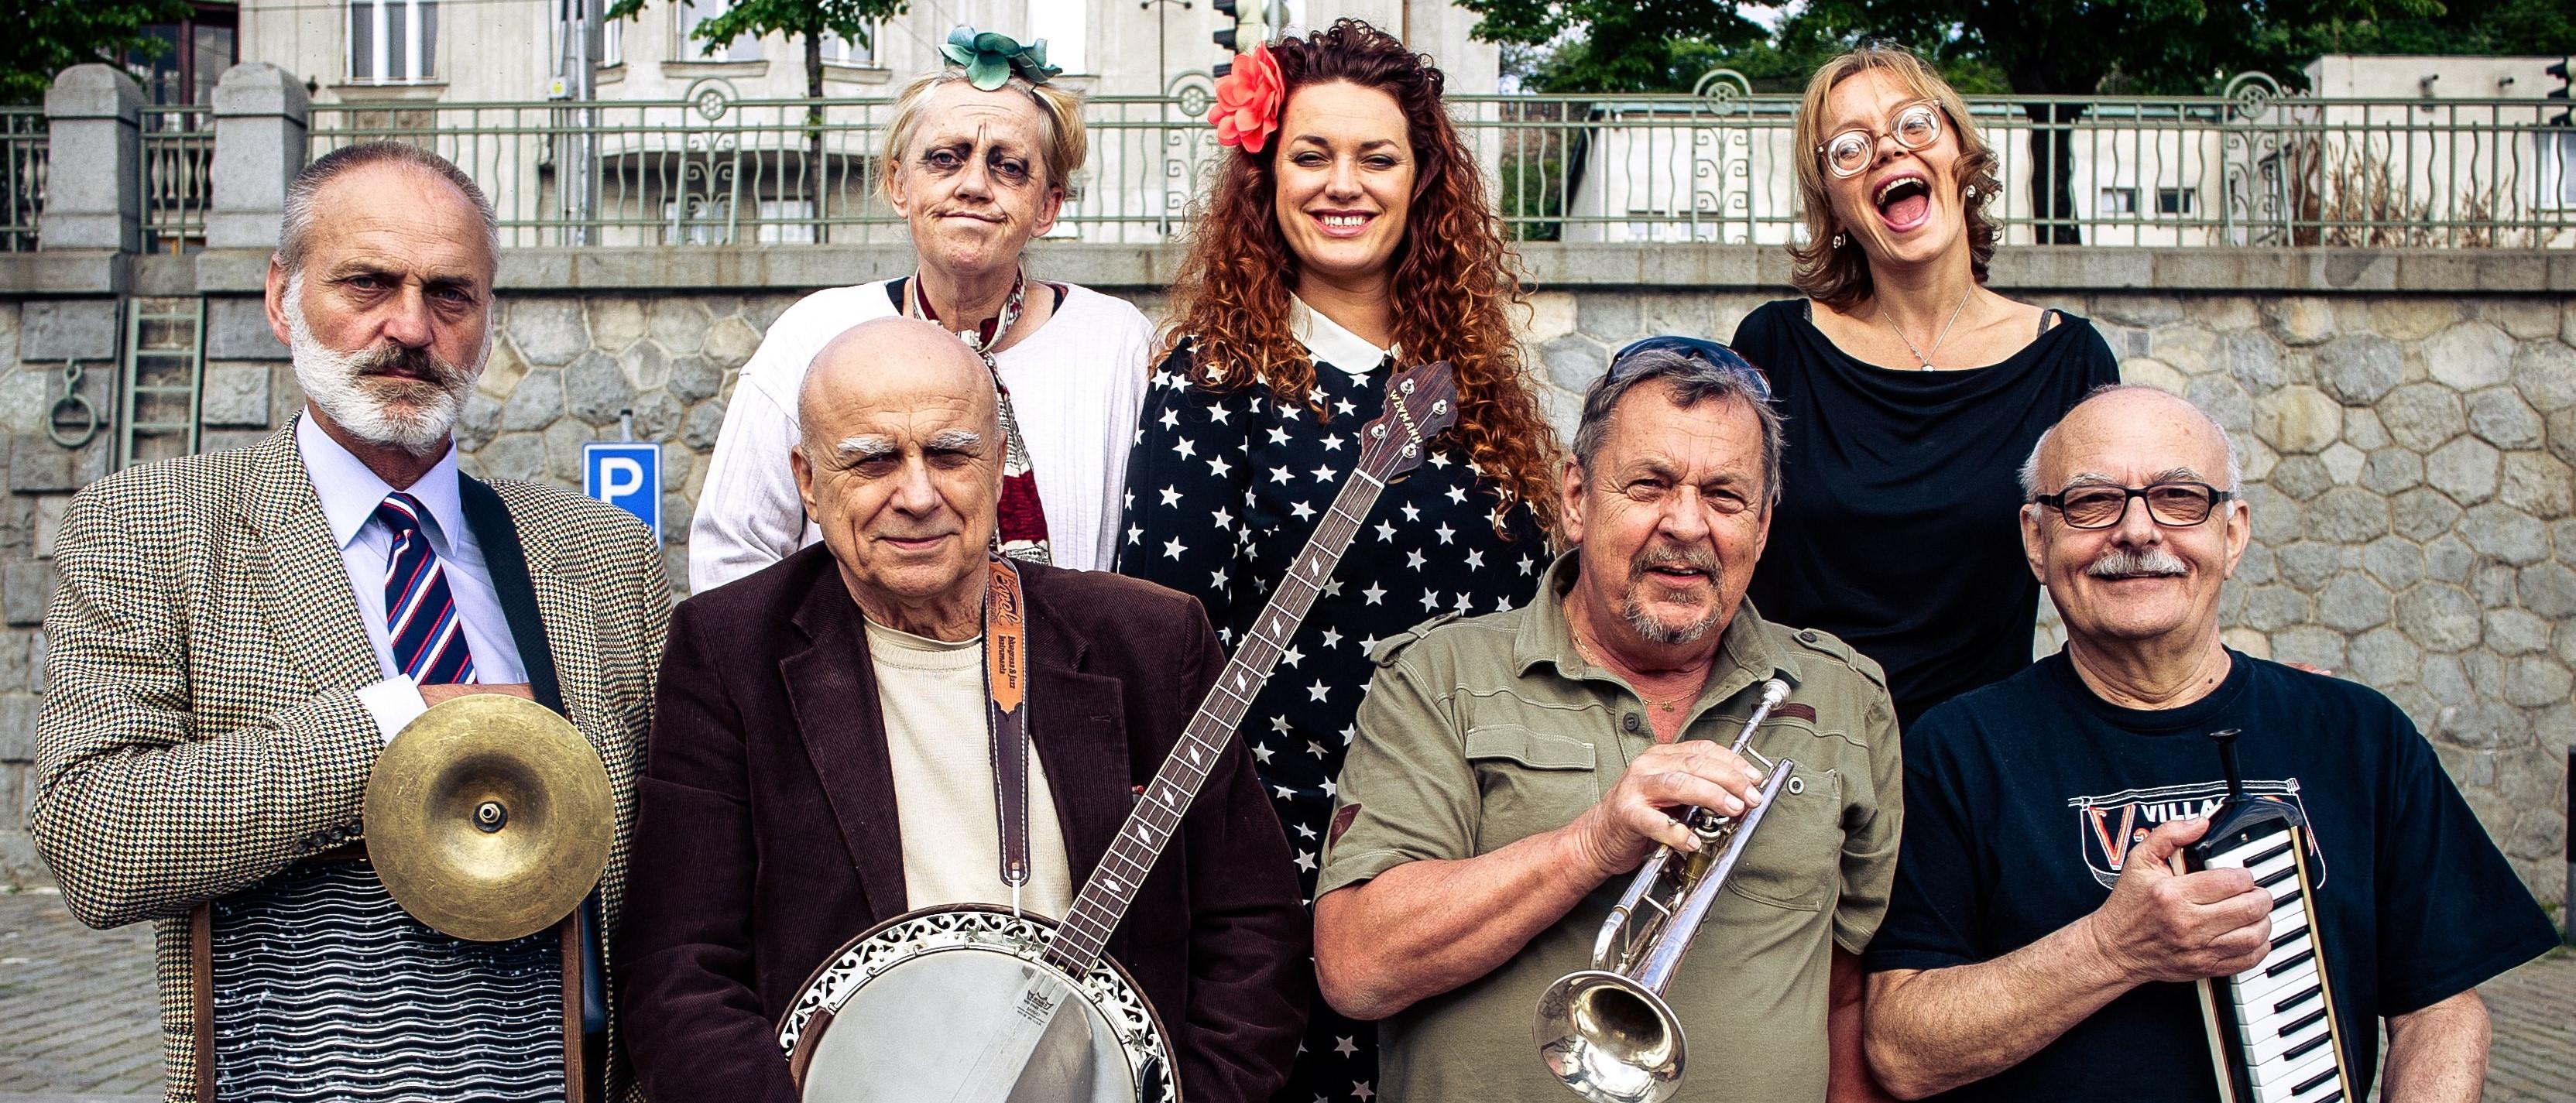 Ivan Mládek & Banjo Band 3. 9. 2016 od 20:30 hod